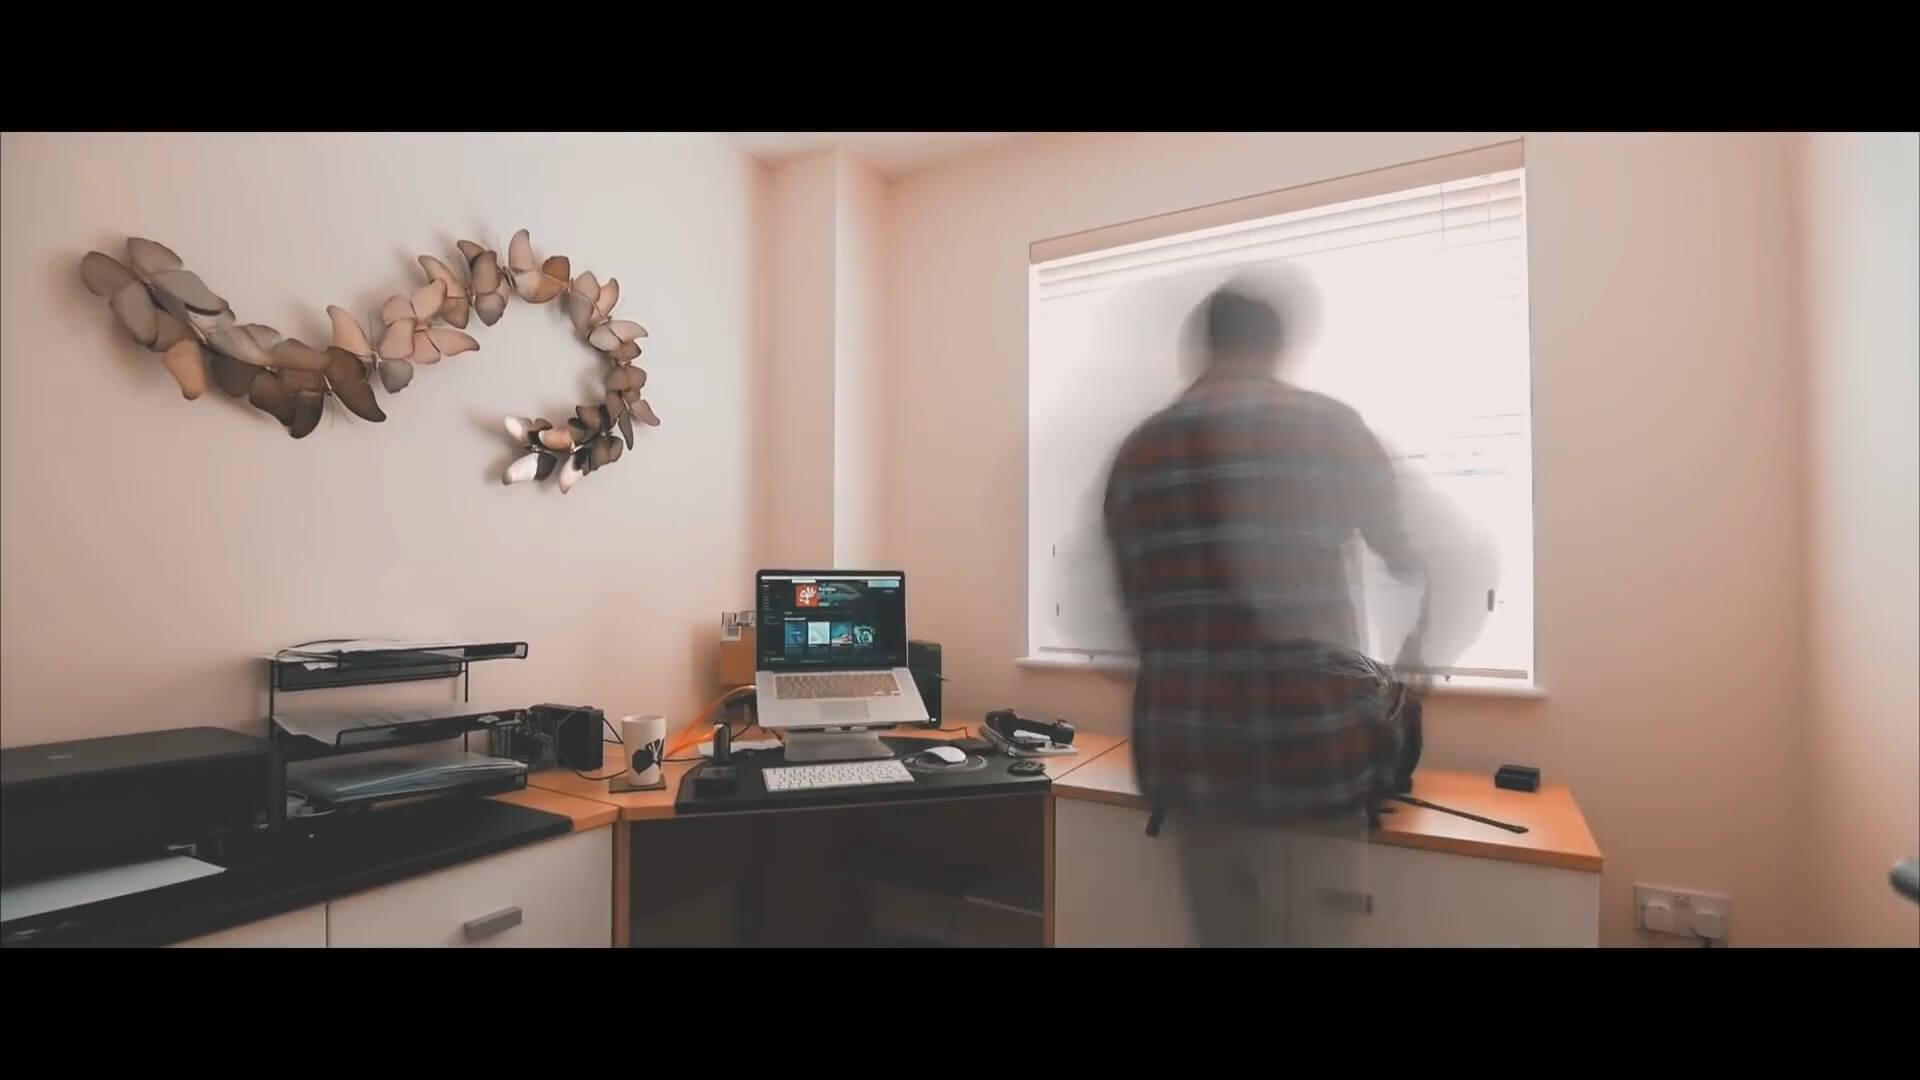 FCPX动态模糊插件 制作人物拖影效果 Vlog常用效果